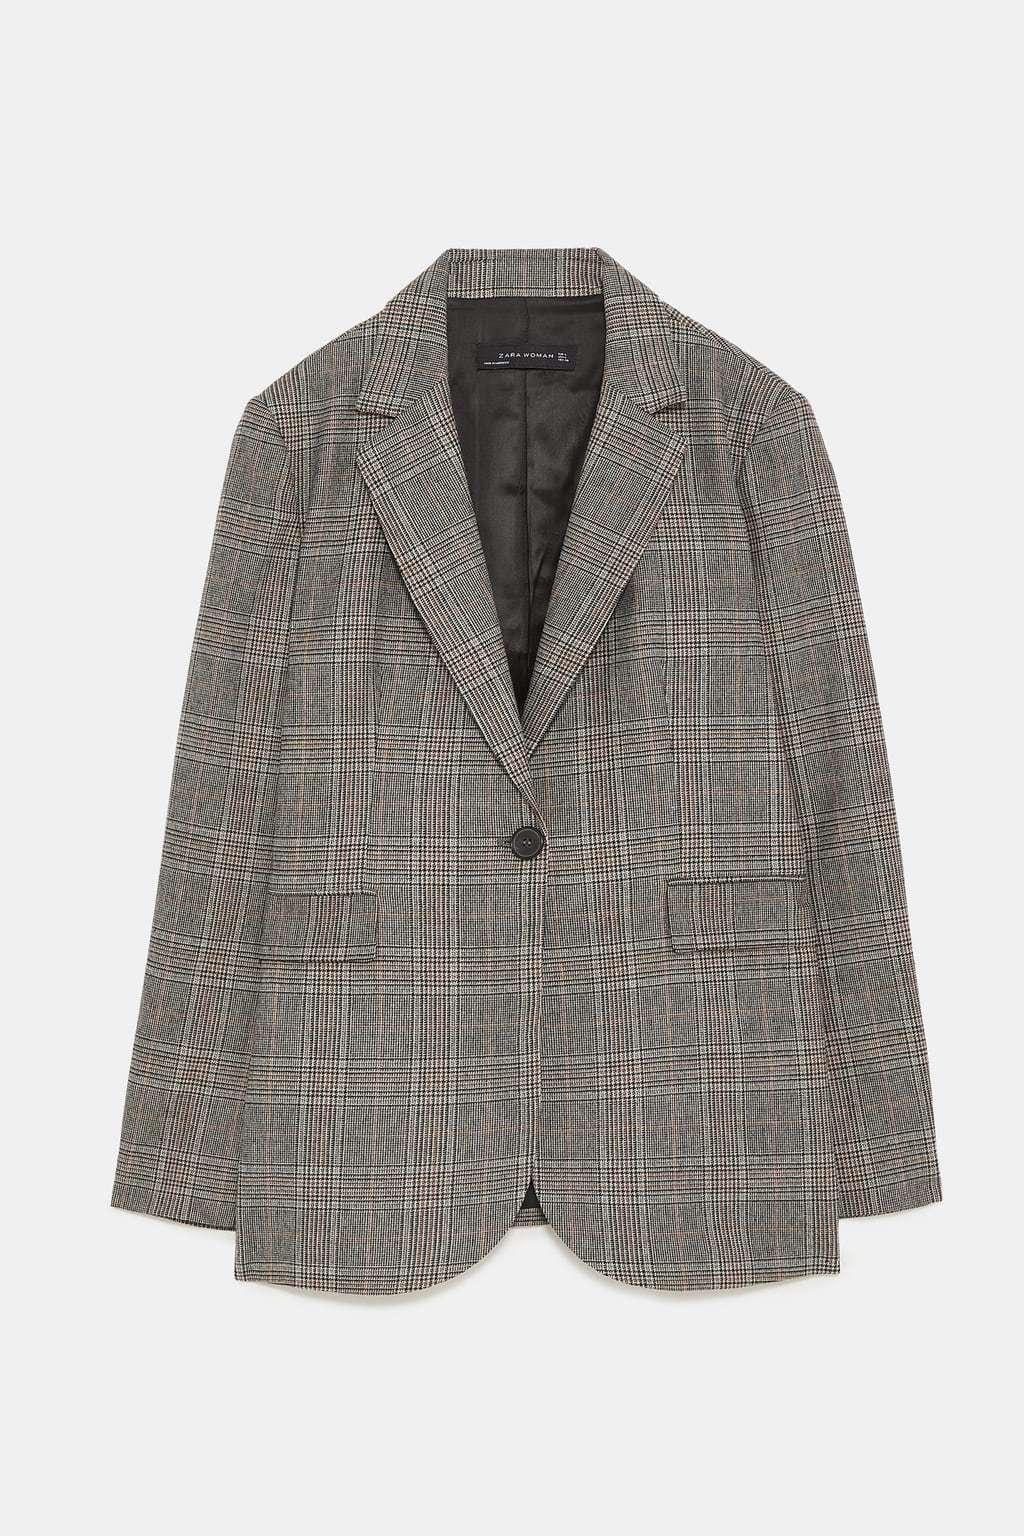 Blazer largo a cuadros, de Zara (69,95 euros).